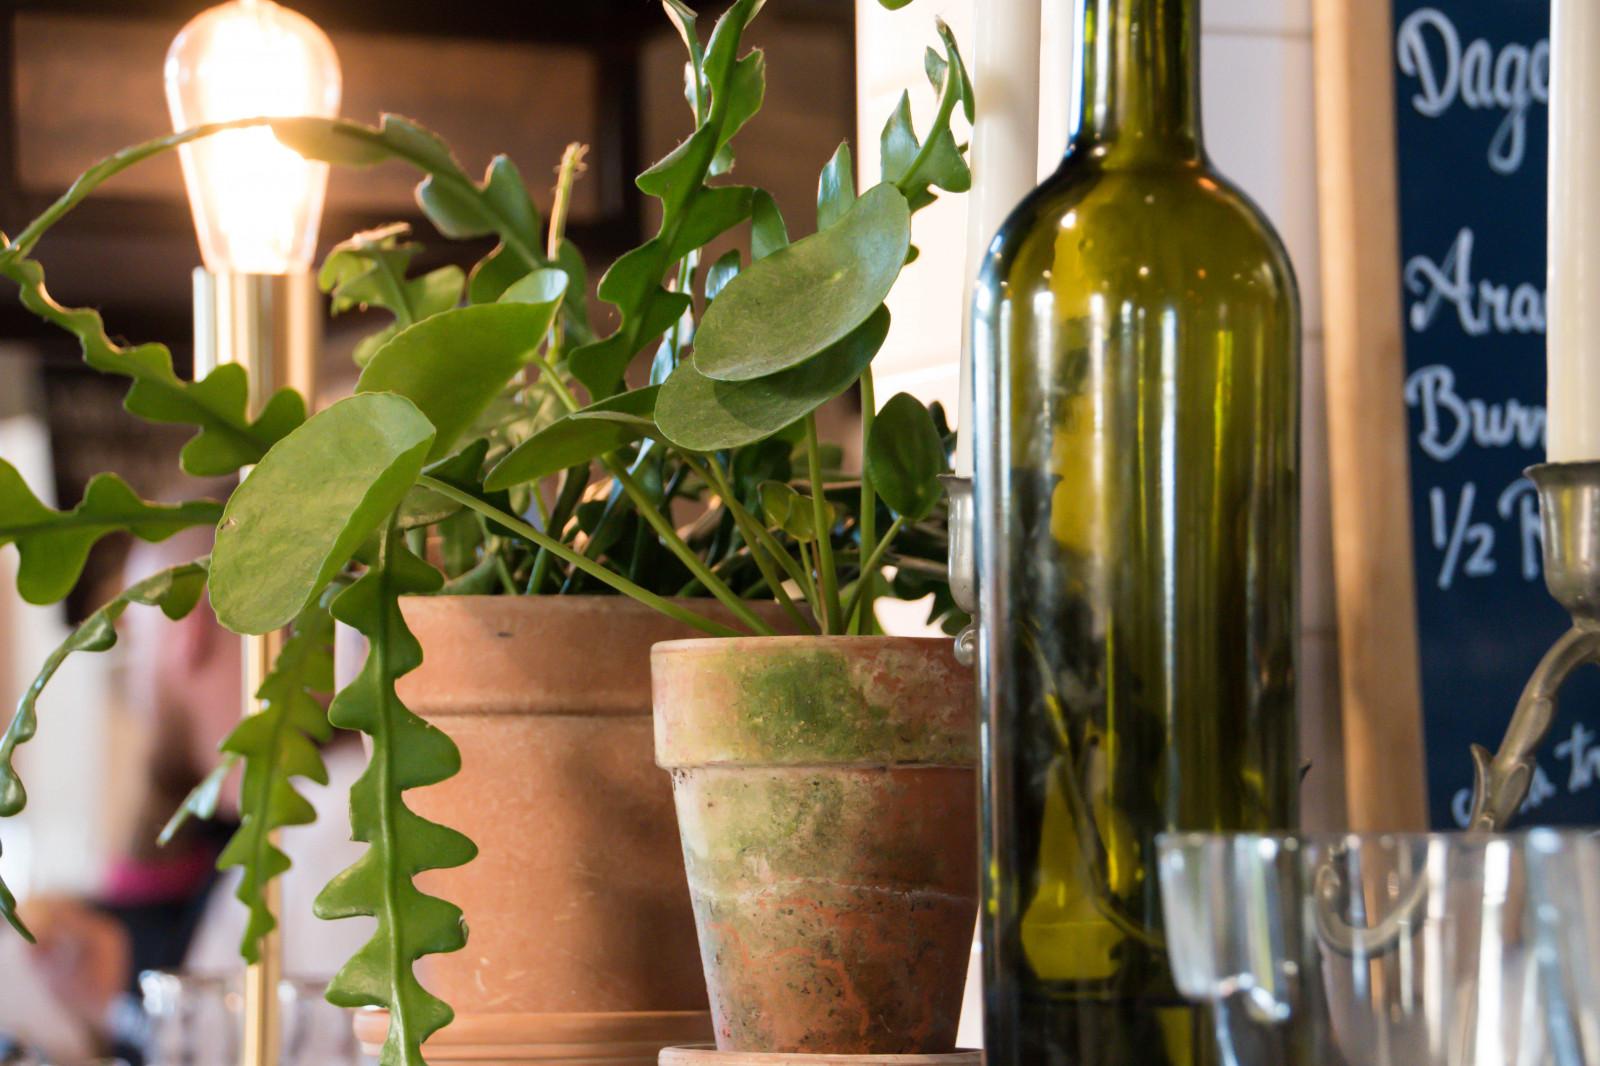 окно зеленое вино картинки снова пополнение